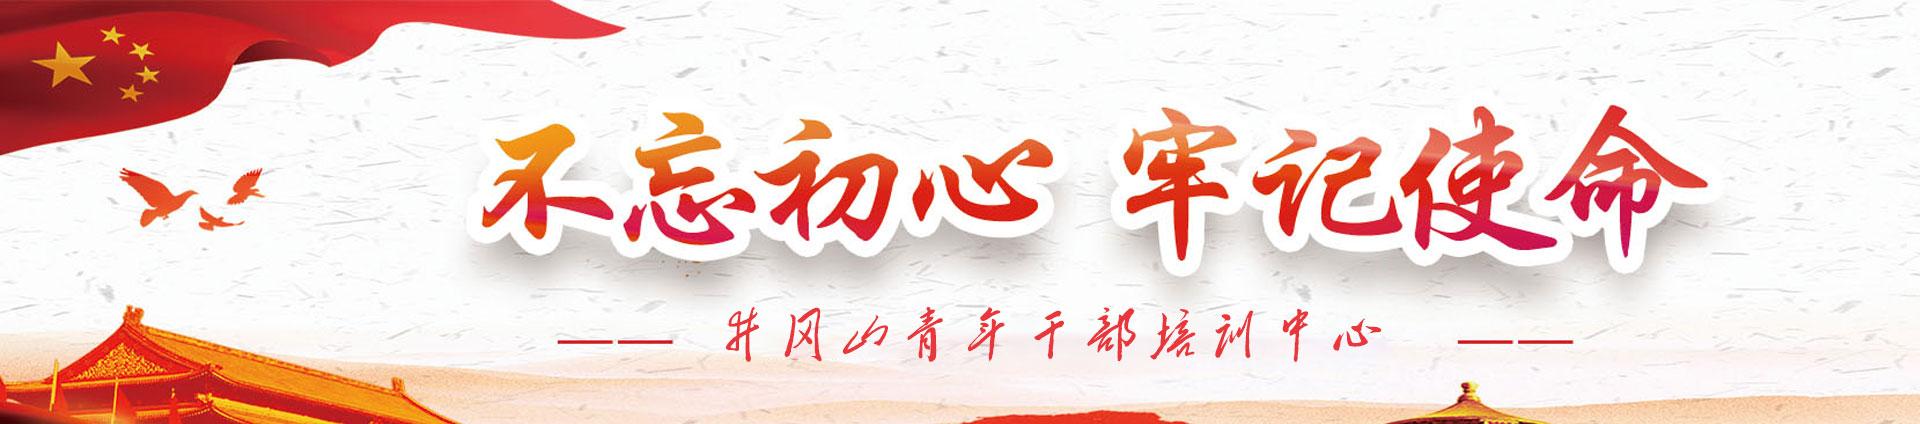 井冈山青年干部培训中心党性教育培训